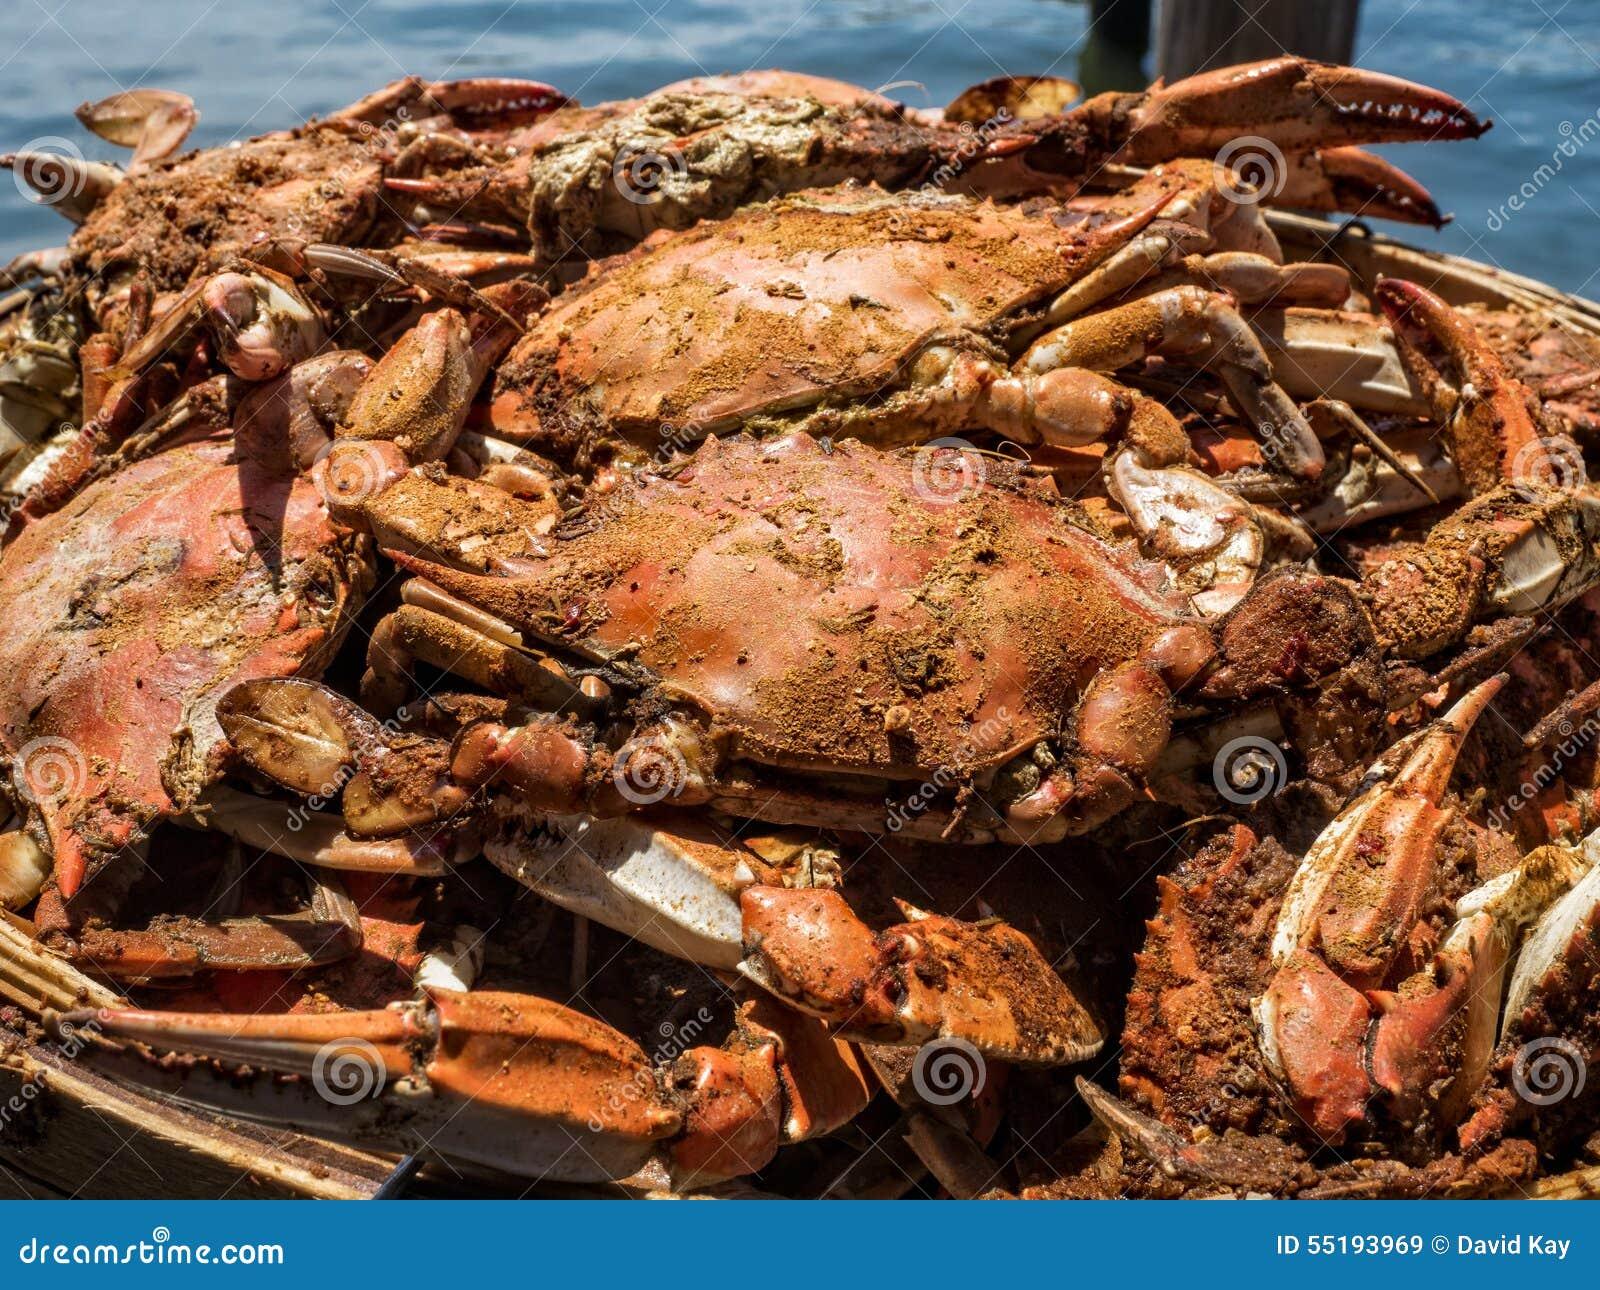 Fresh Market Maryland Crab Cakes Nutrition